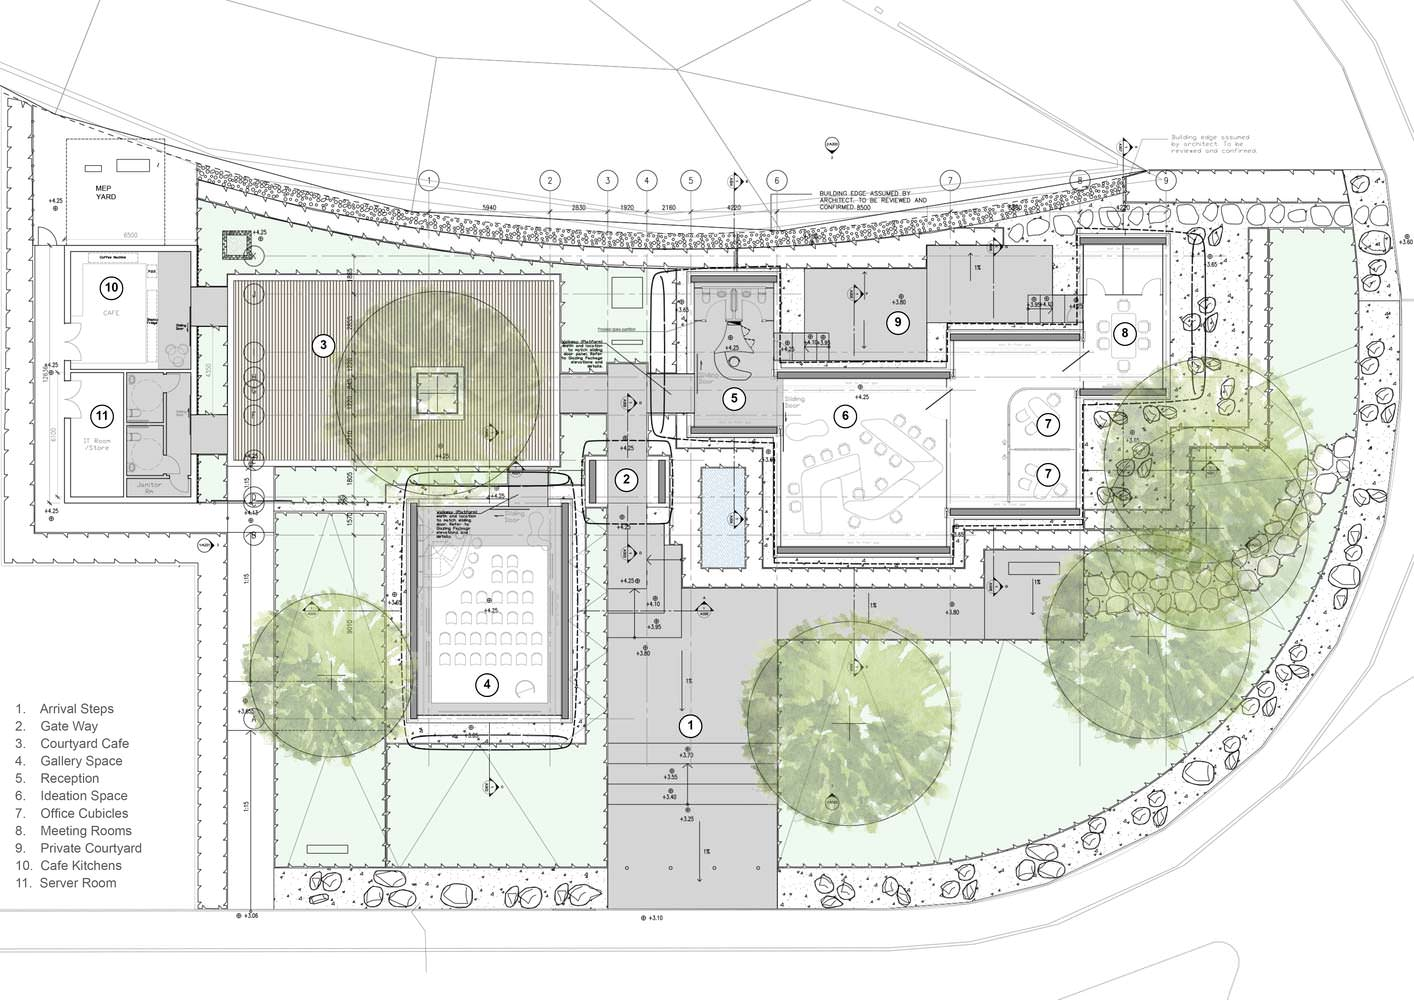 План офиса будущего Dubai Future Foundation